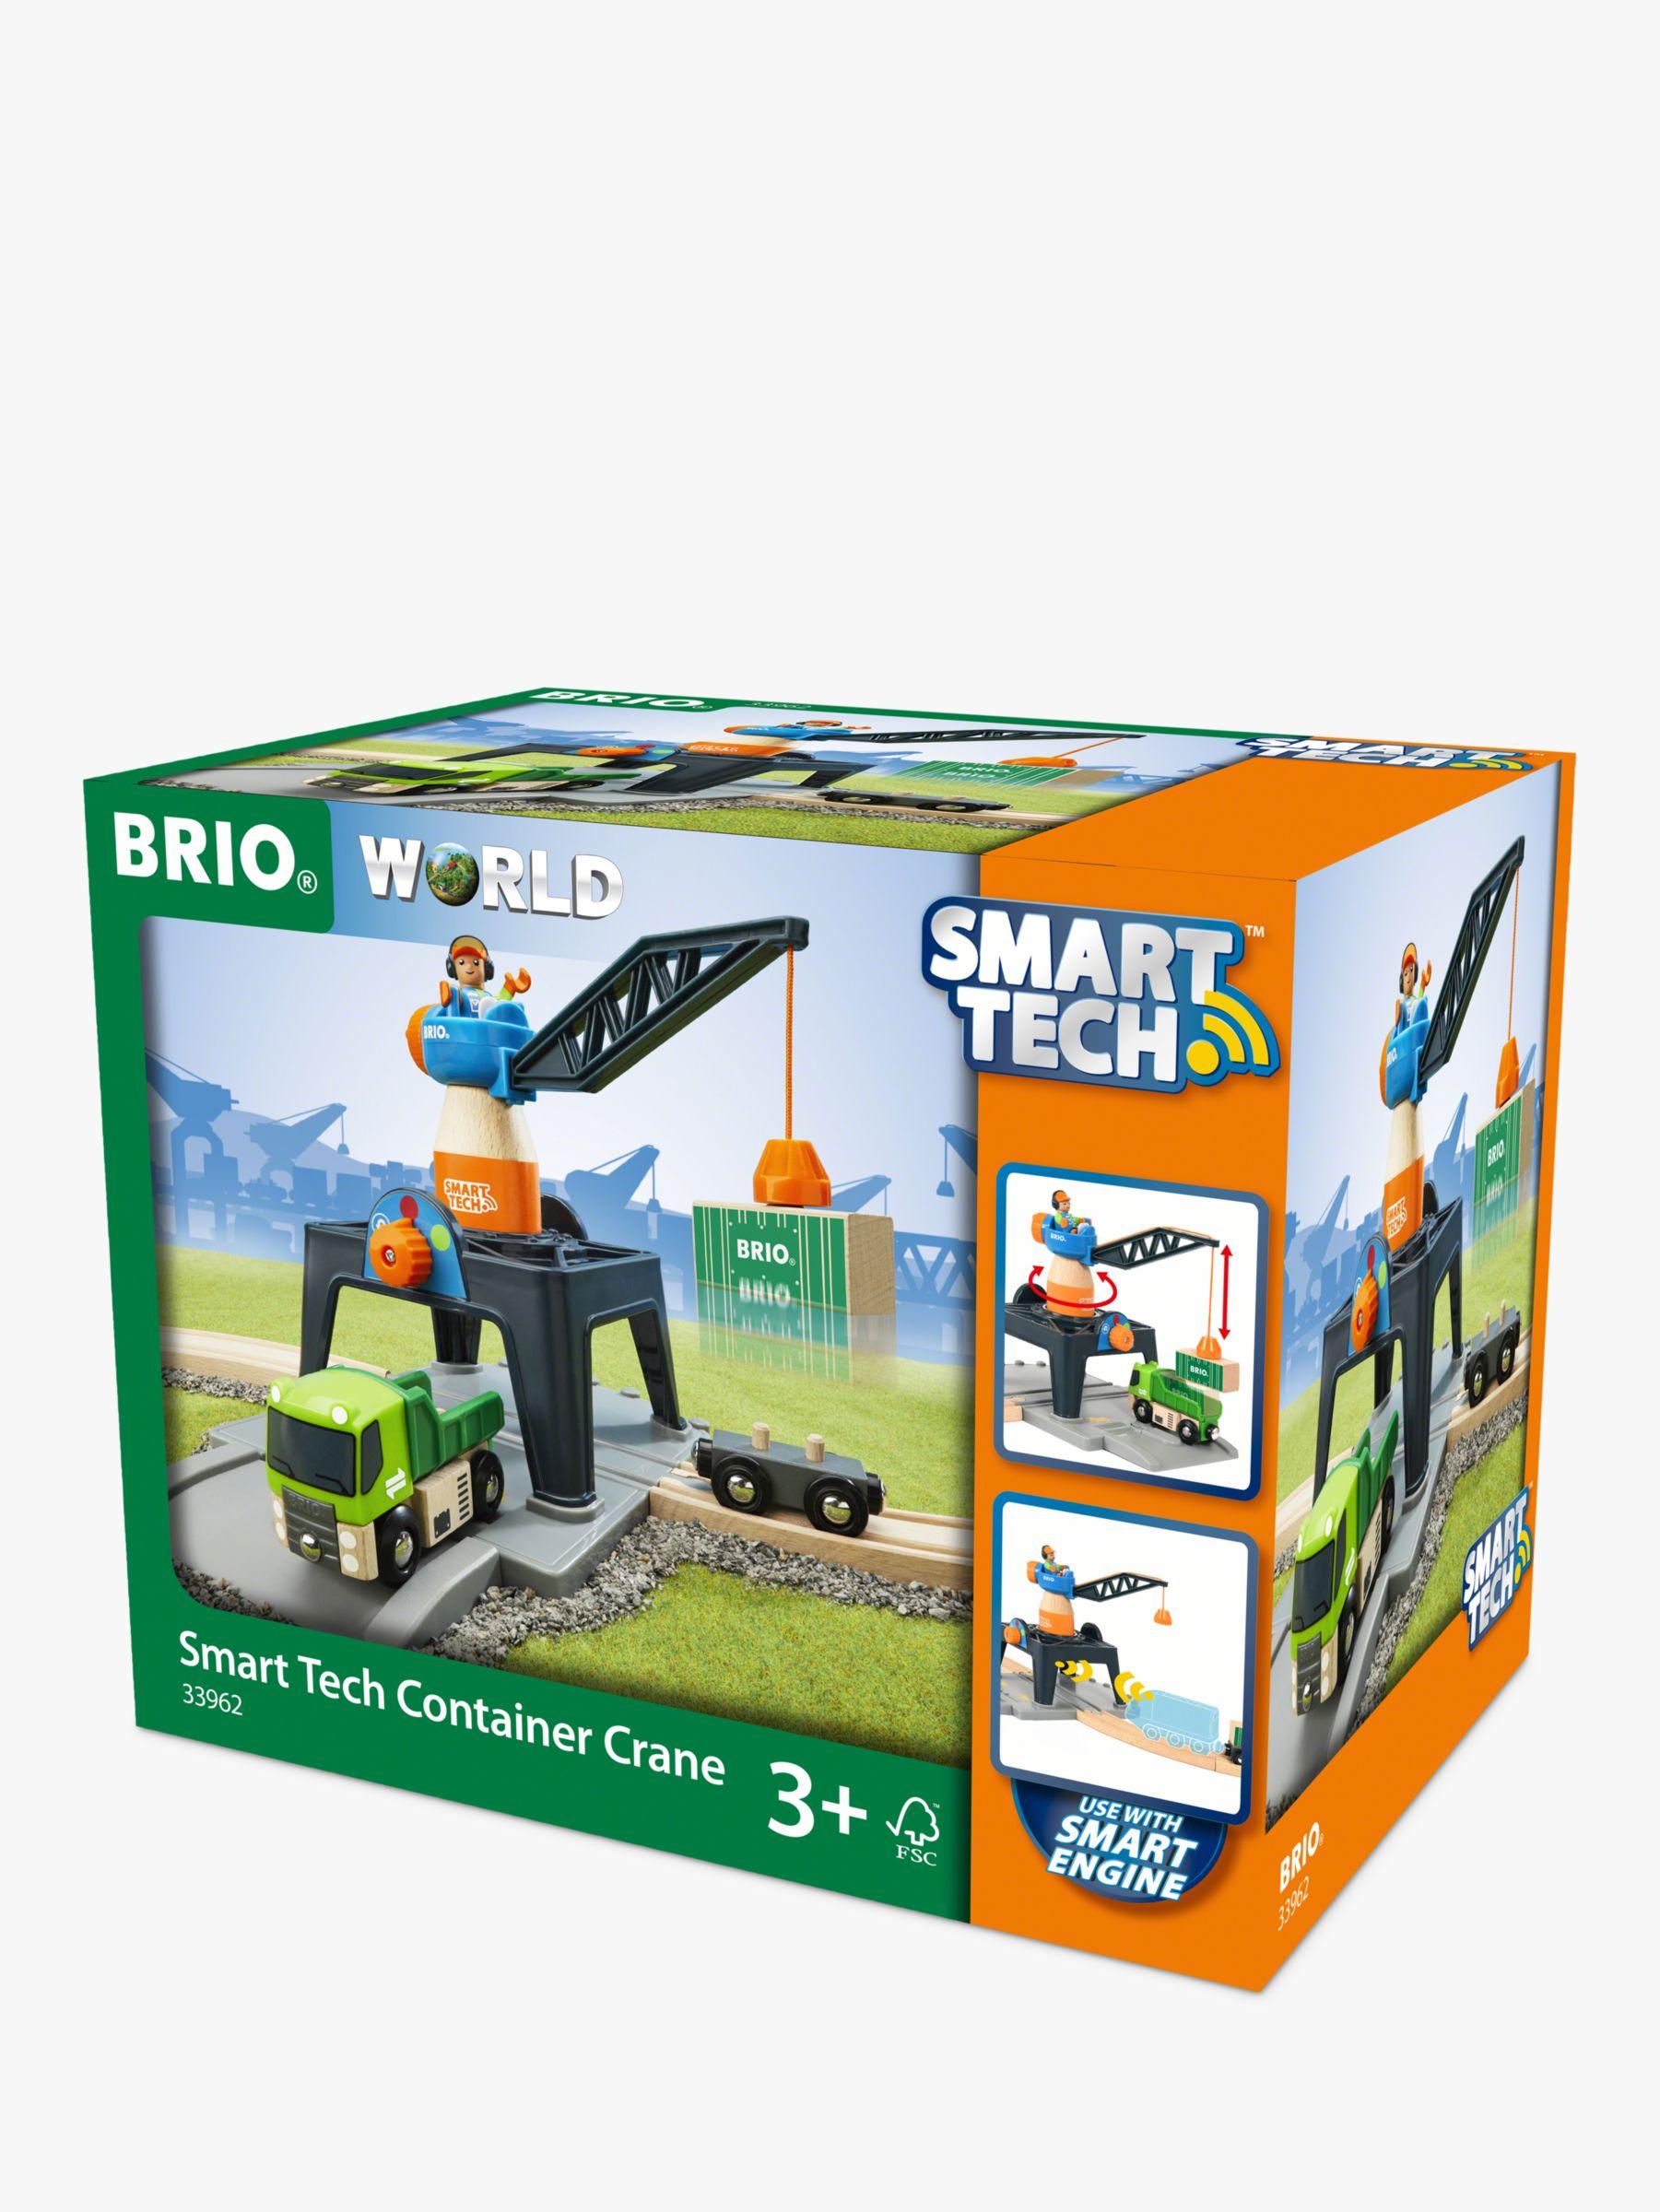 BRIO BRIO World Smart Tech Container Crane